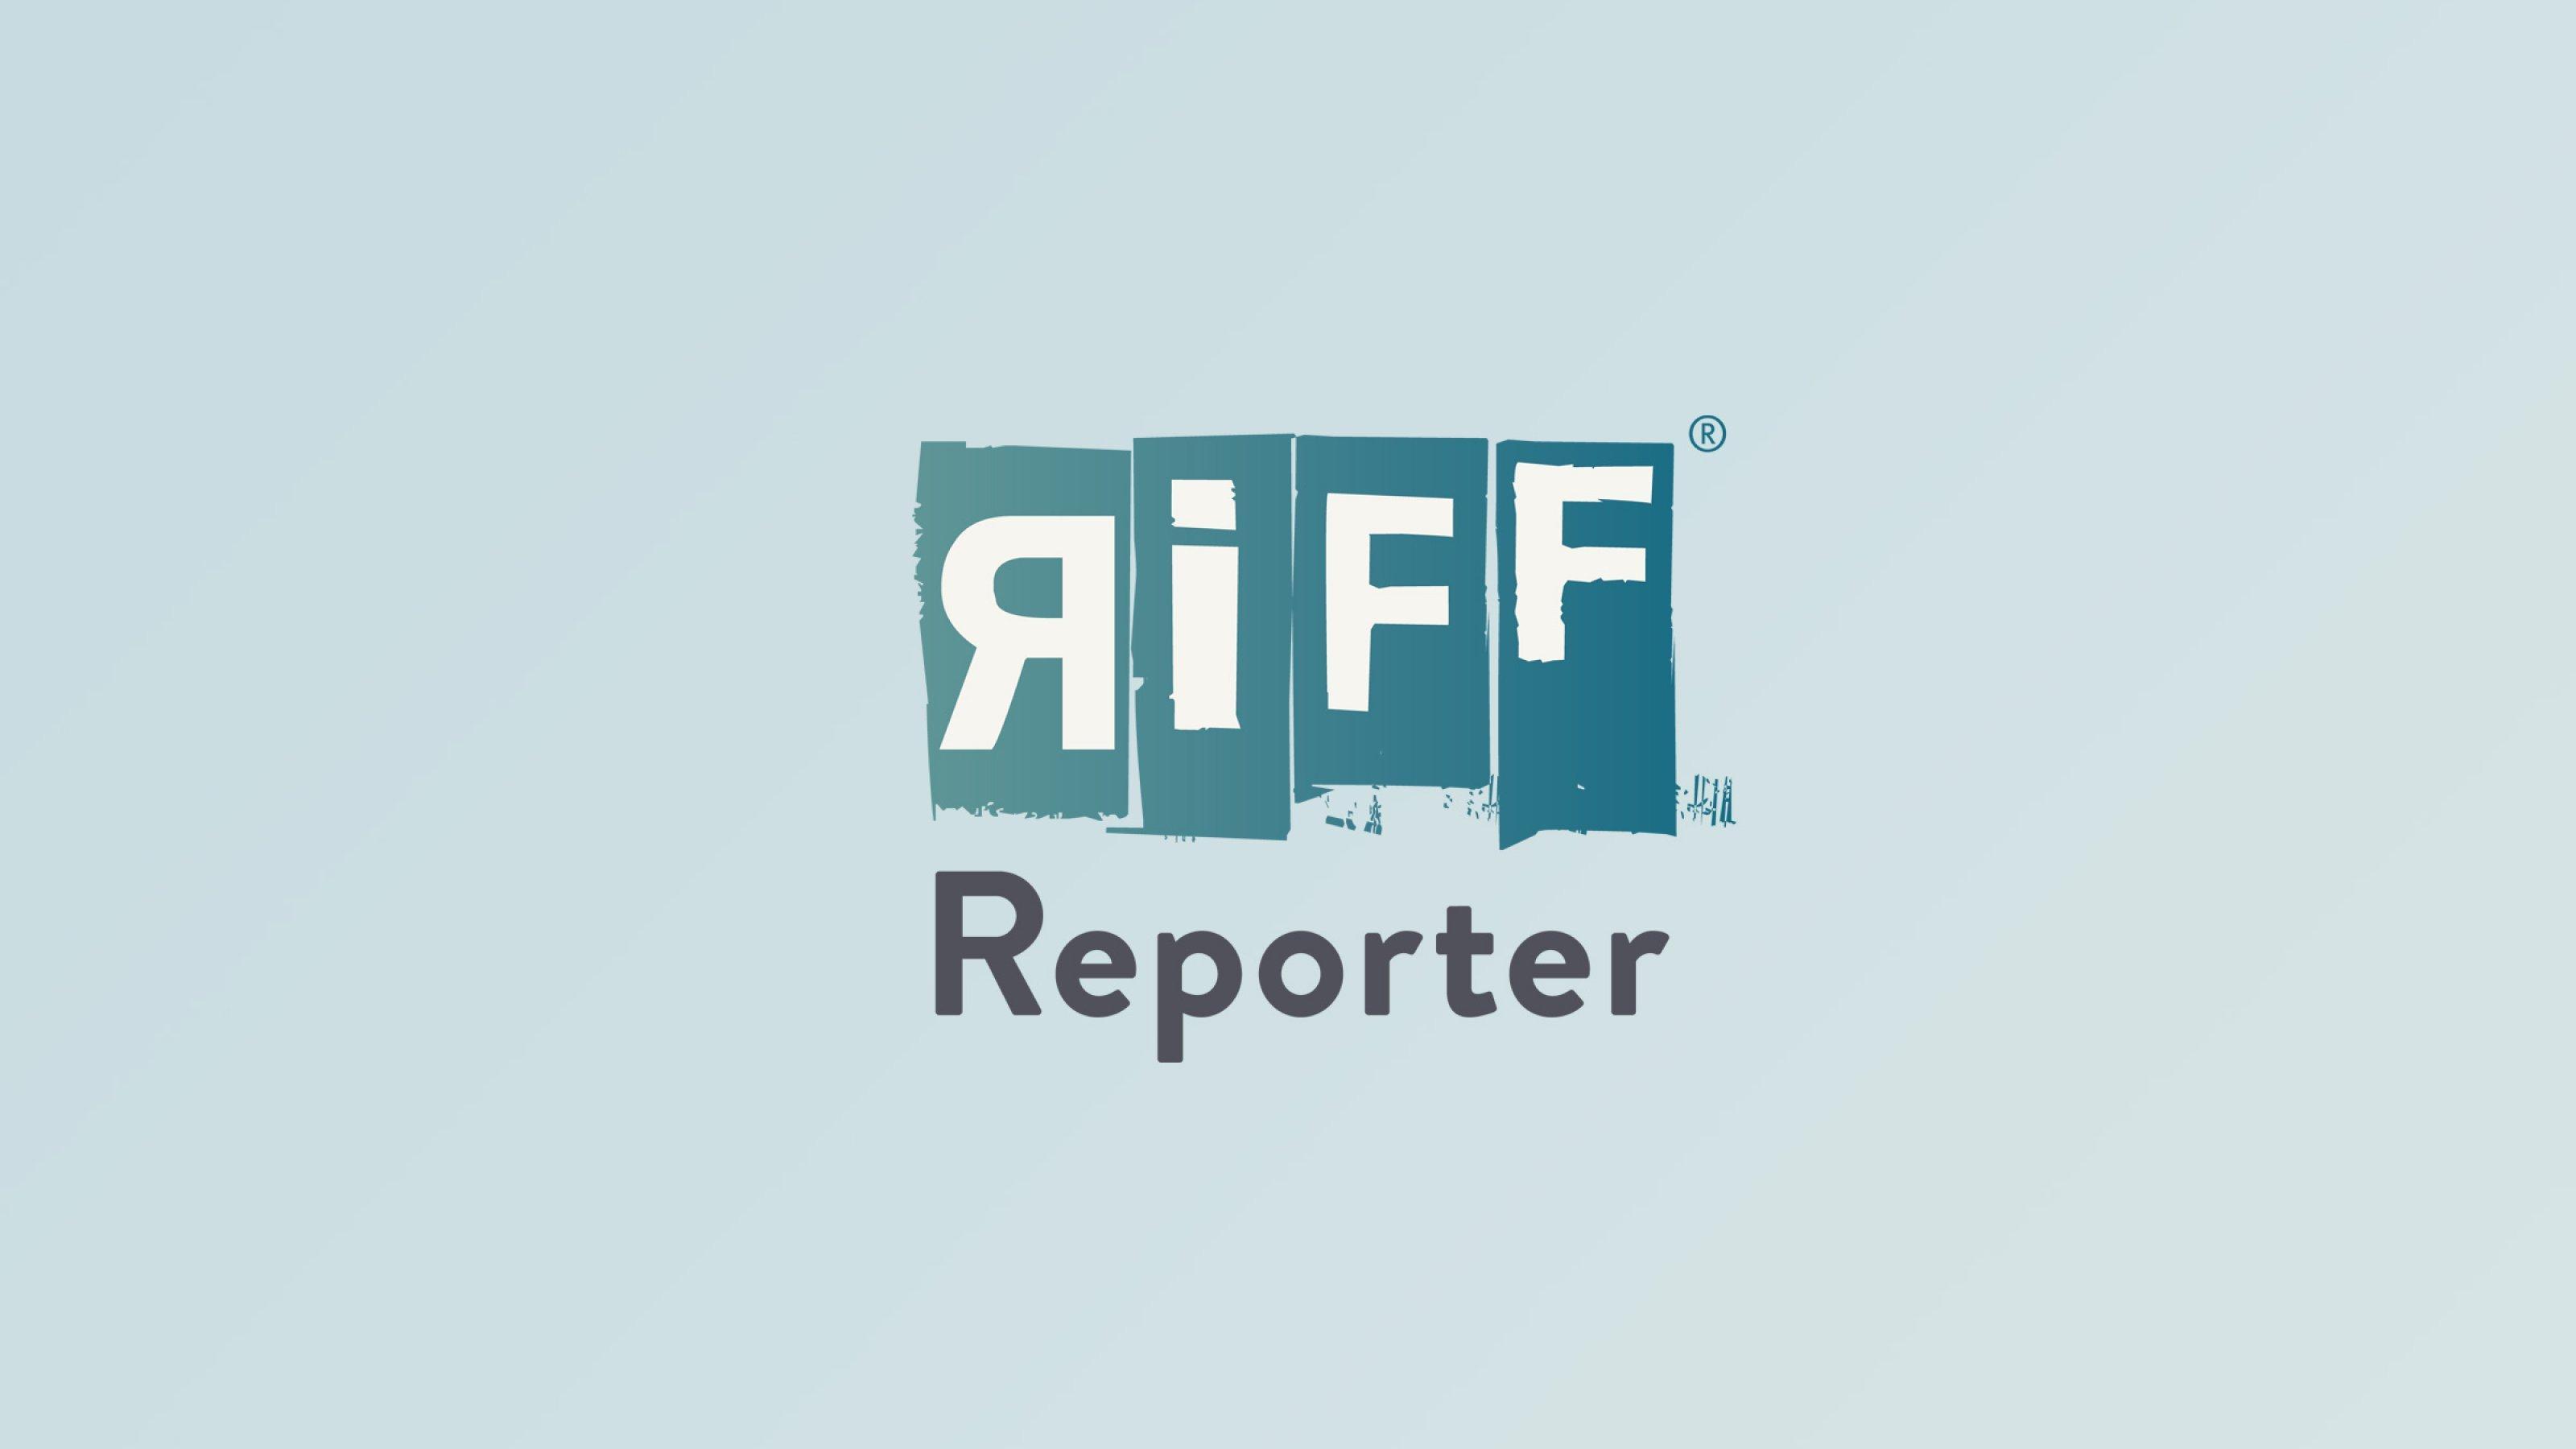 Bunte Aktenkoffer, eine Kaffeetasse und eine Krawatte im Andy Warhol-Stil.